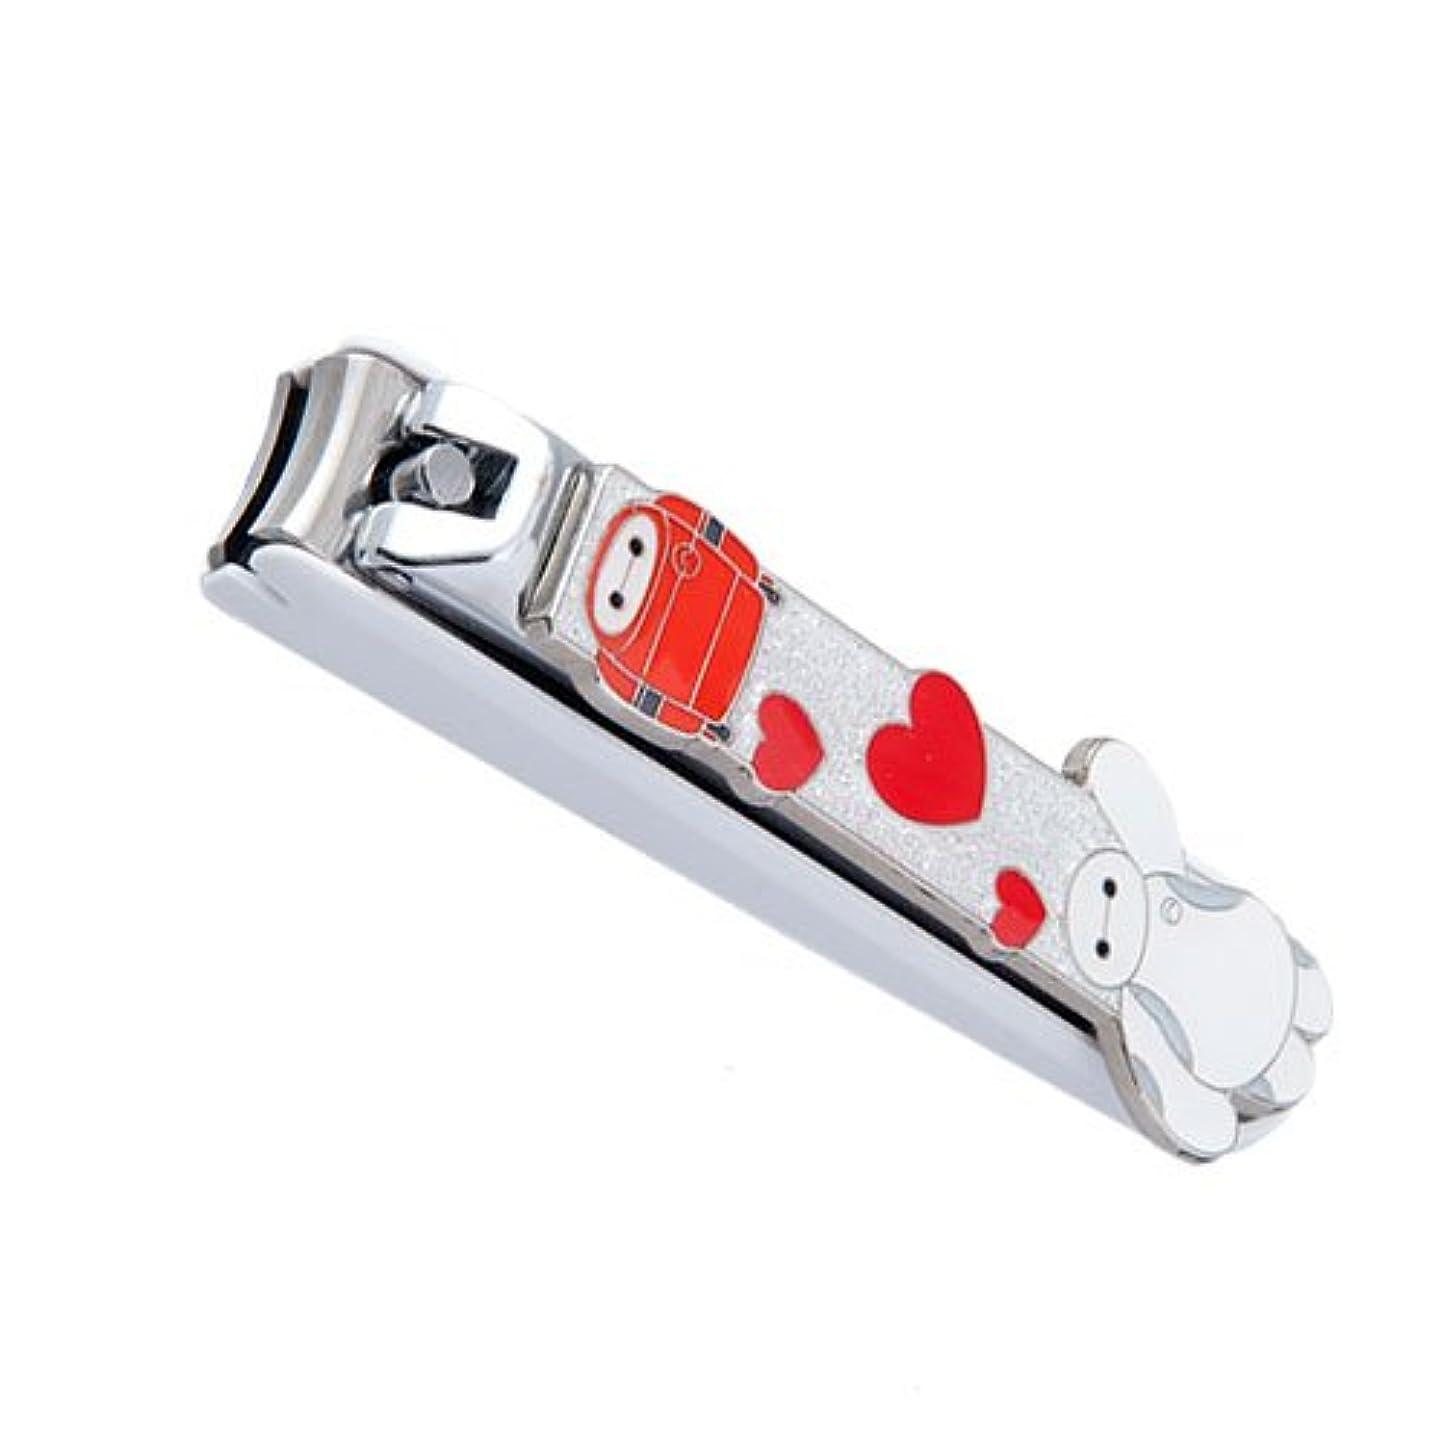 船形クレアベギンベイマックス つめきり 爪切り ケア用品 ピクサー ビッグヒーロー6【東京ディズニーリゾート限定】